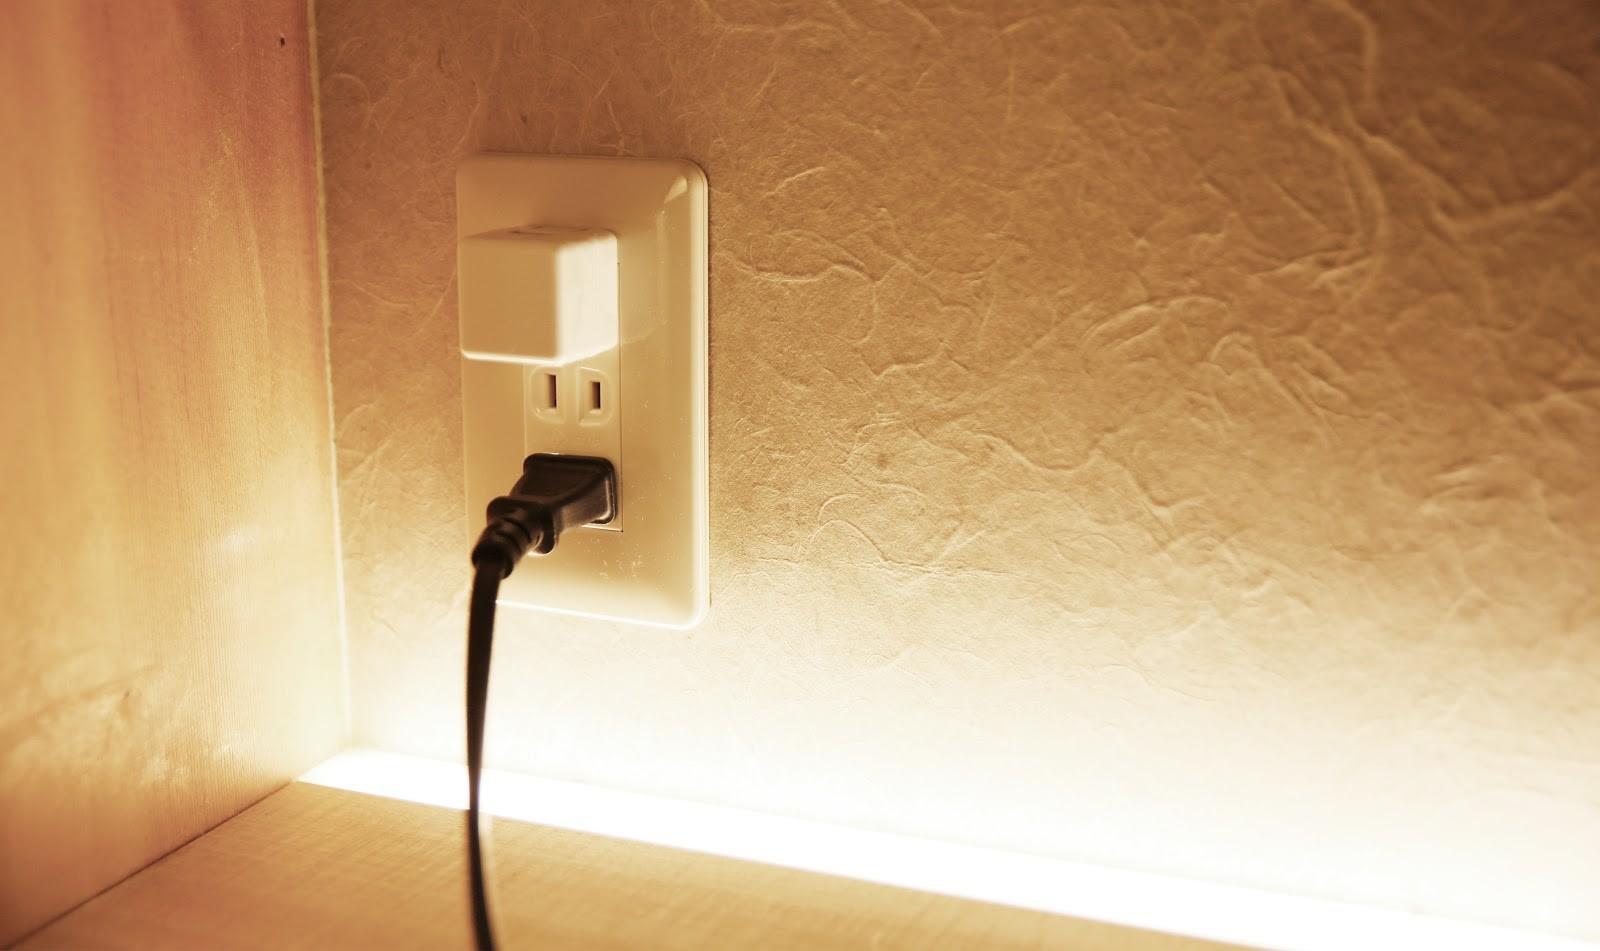 USBコンセントも完備 - hotelzentokyo ワーキングブース #1の室内の写真